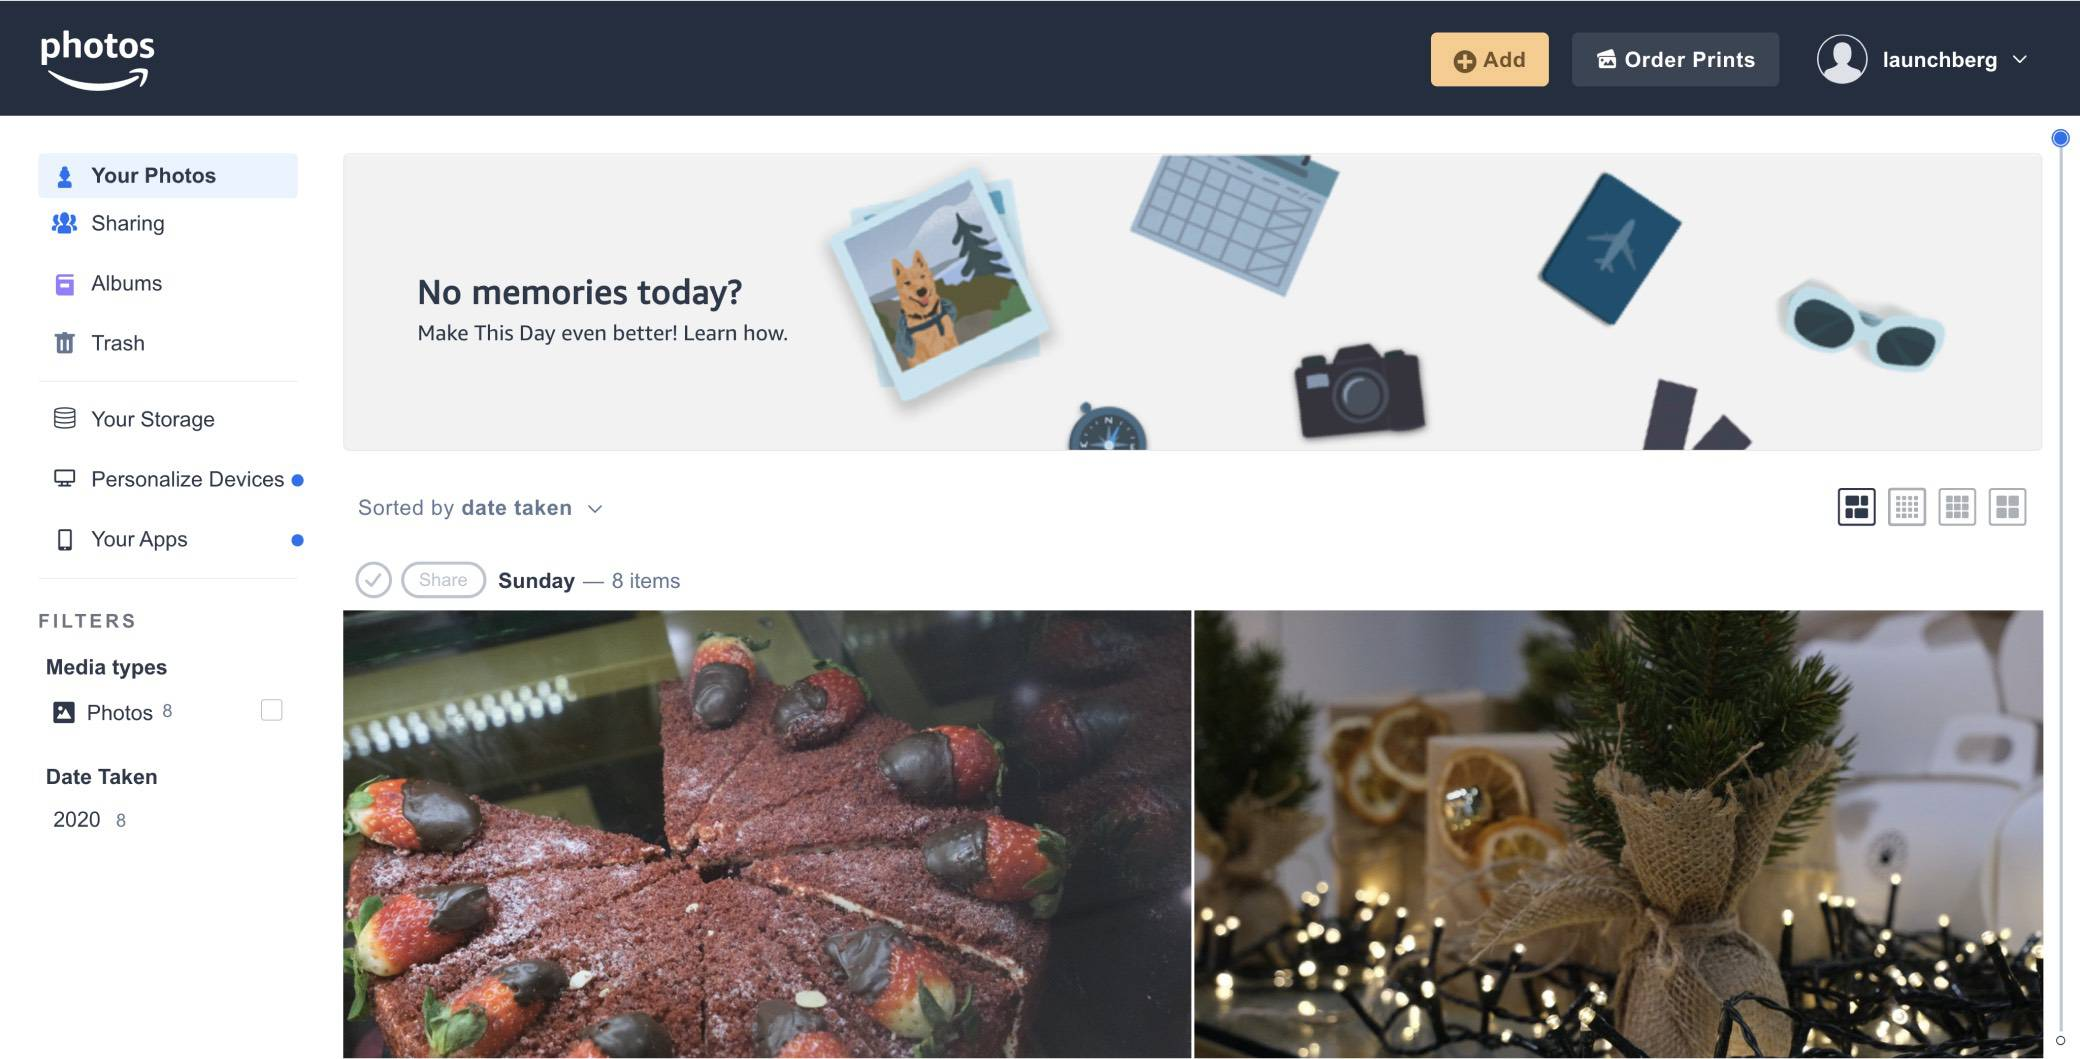 amazon-prime-photos image